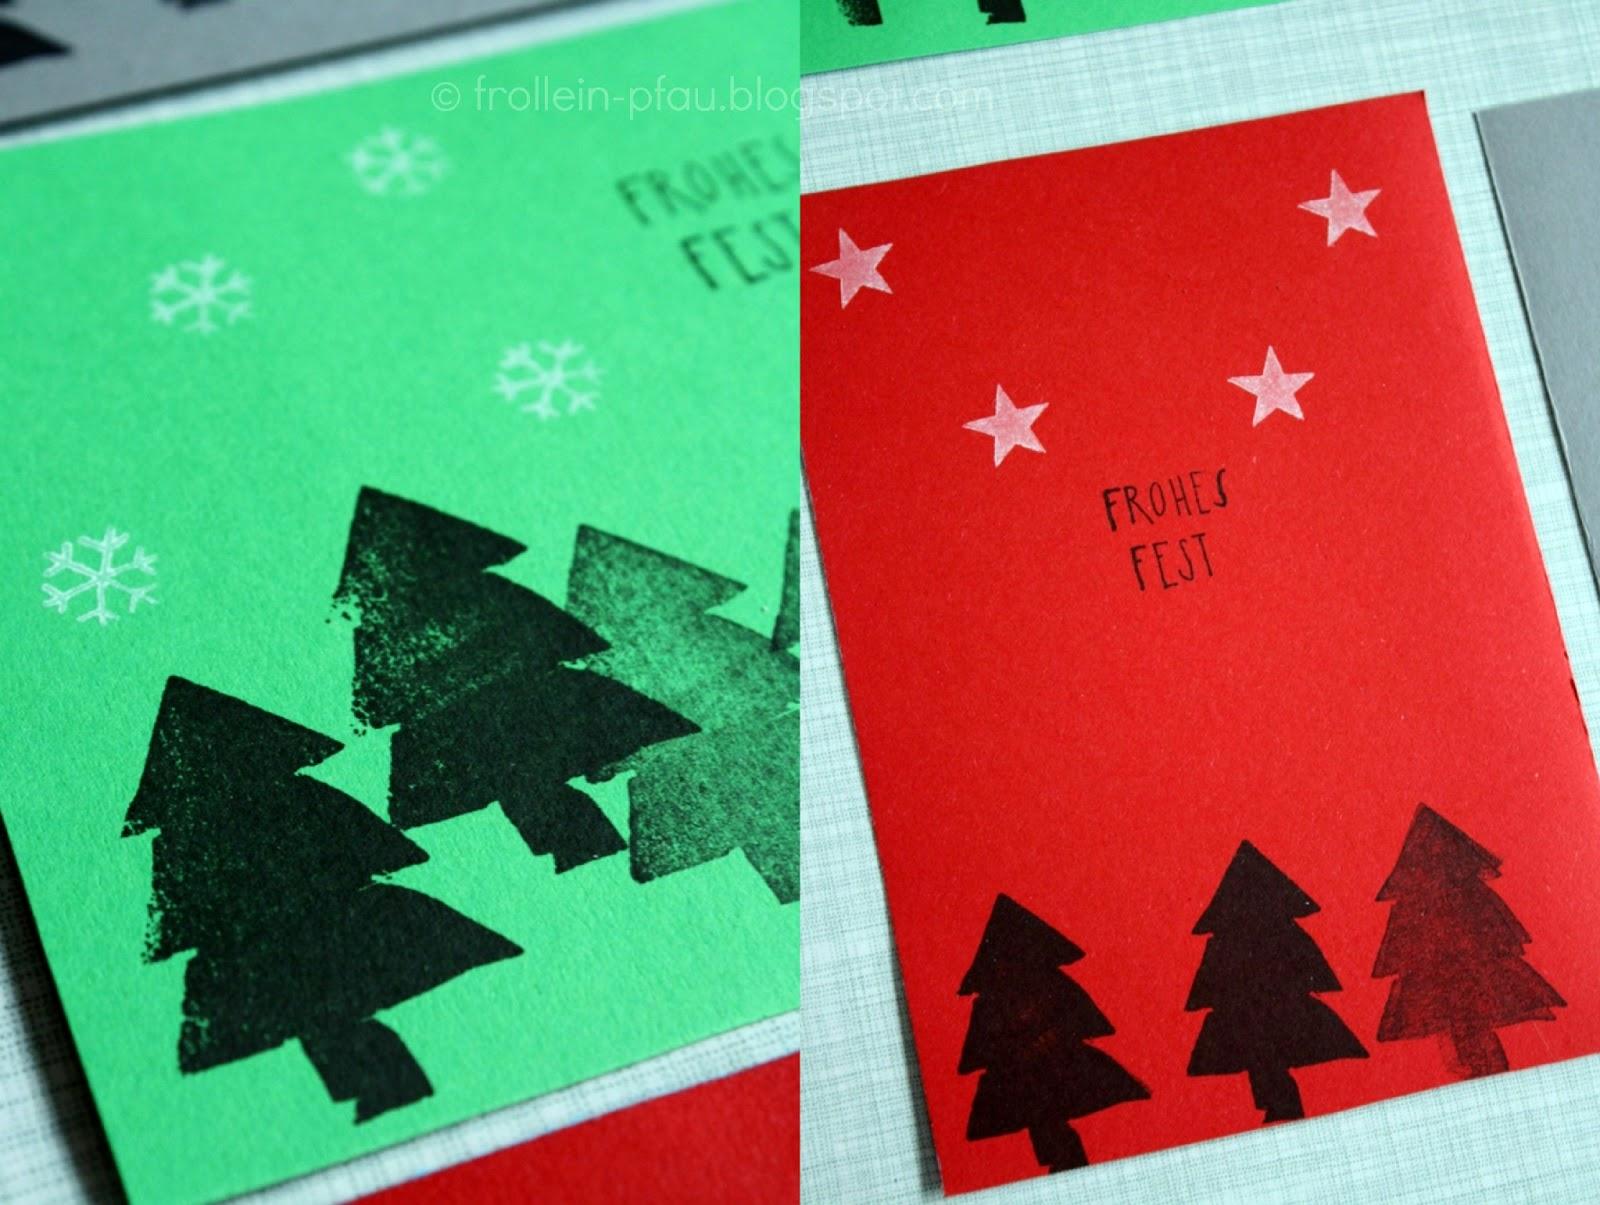 Frollein pfau weihnachtskarten selbstgemacht diy for Weihnachtskarten mit kindern basteln